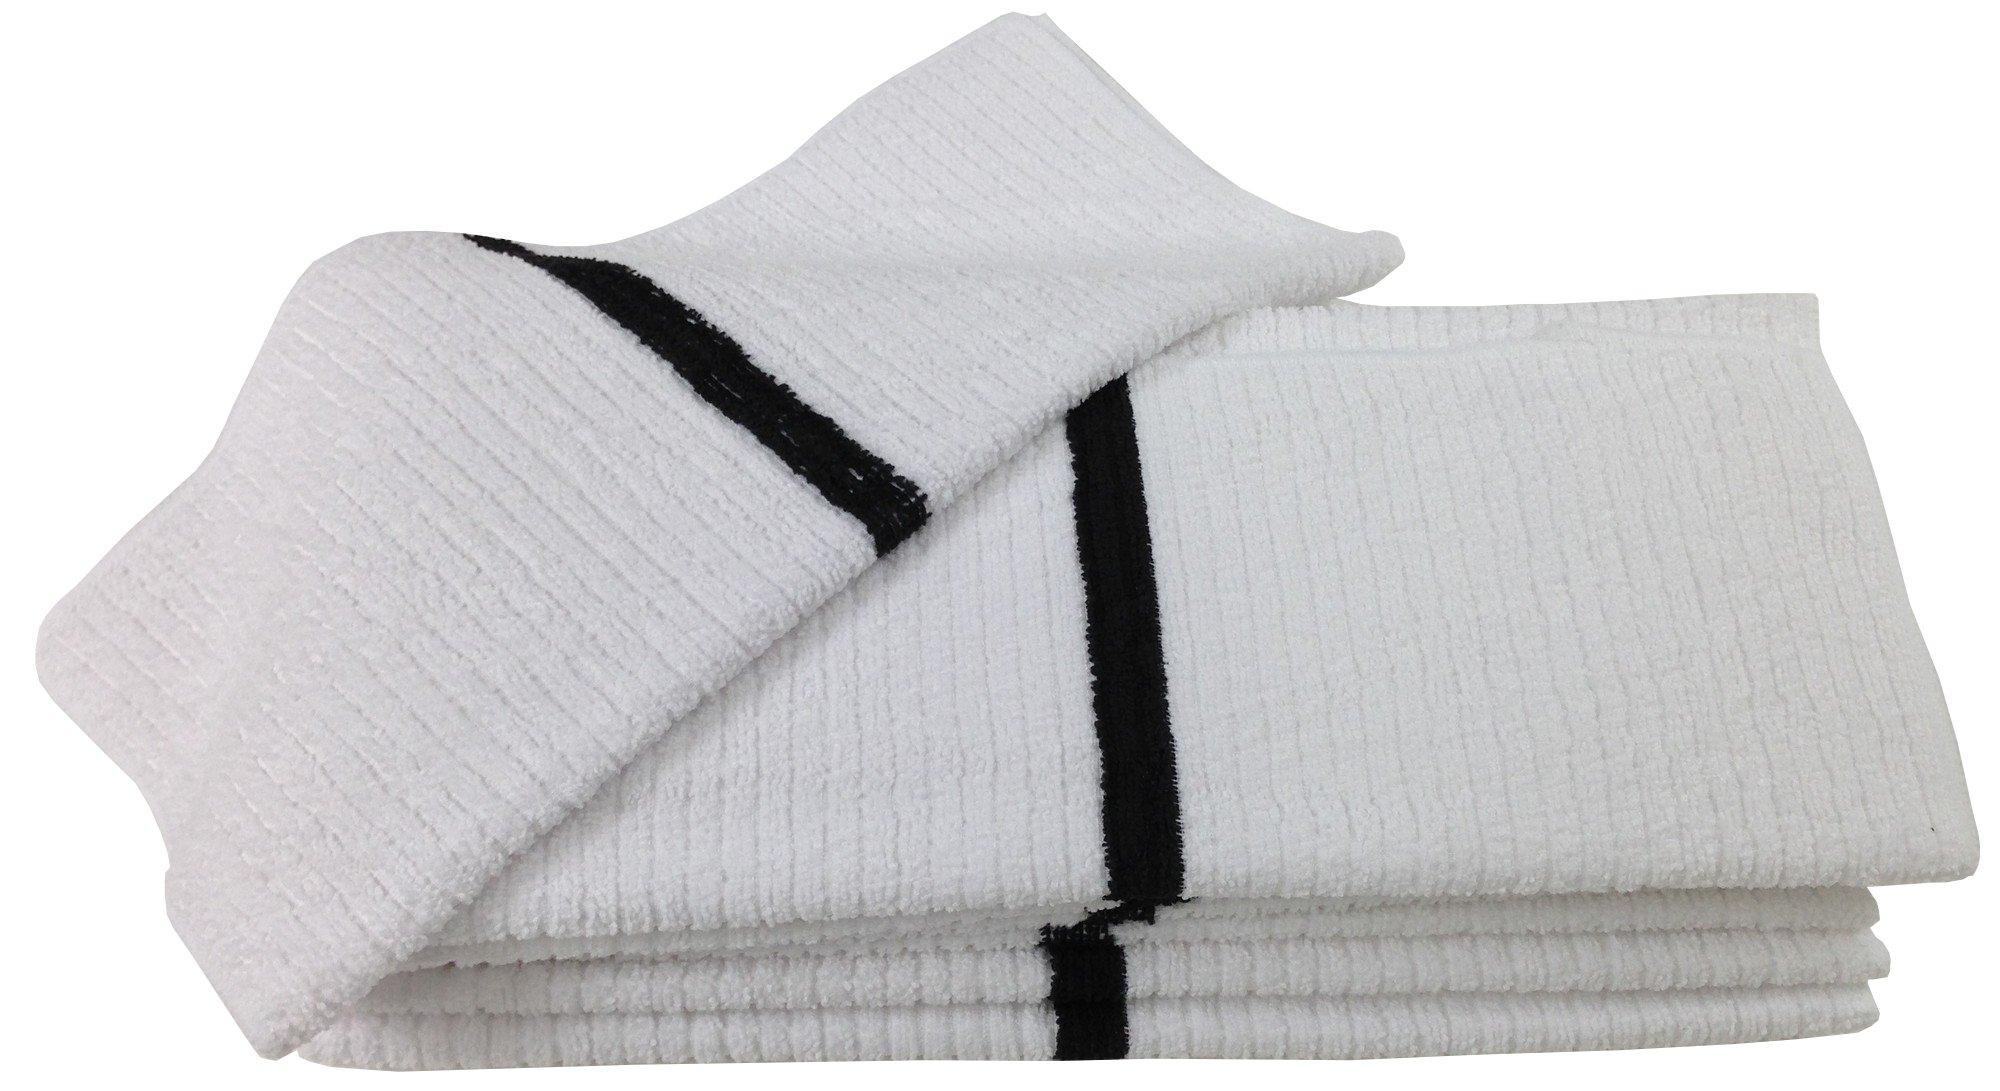 Nouvelle Legende 14 X 18in Ribbed Bar Mop Microfiber Towels (12 Pack) Black Stripe